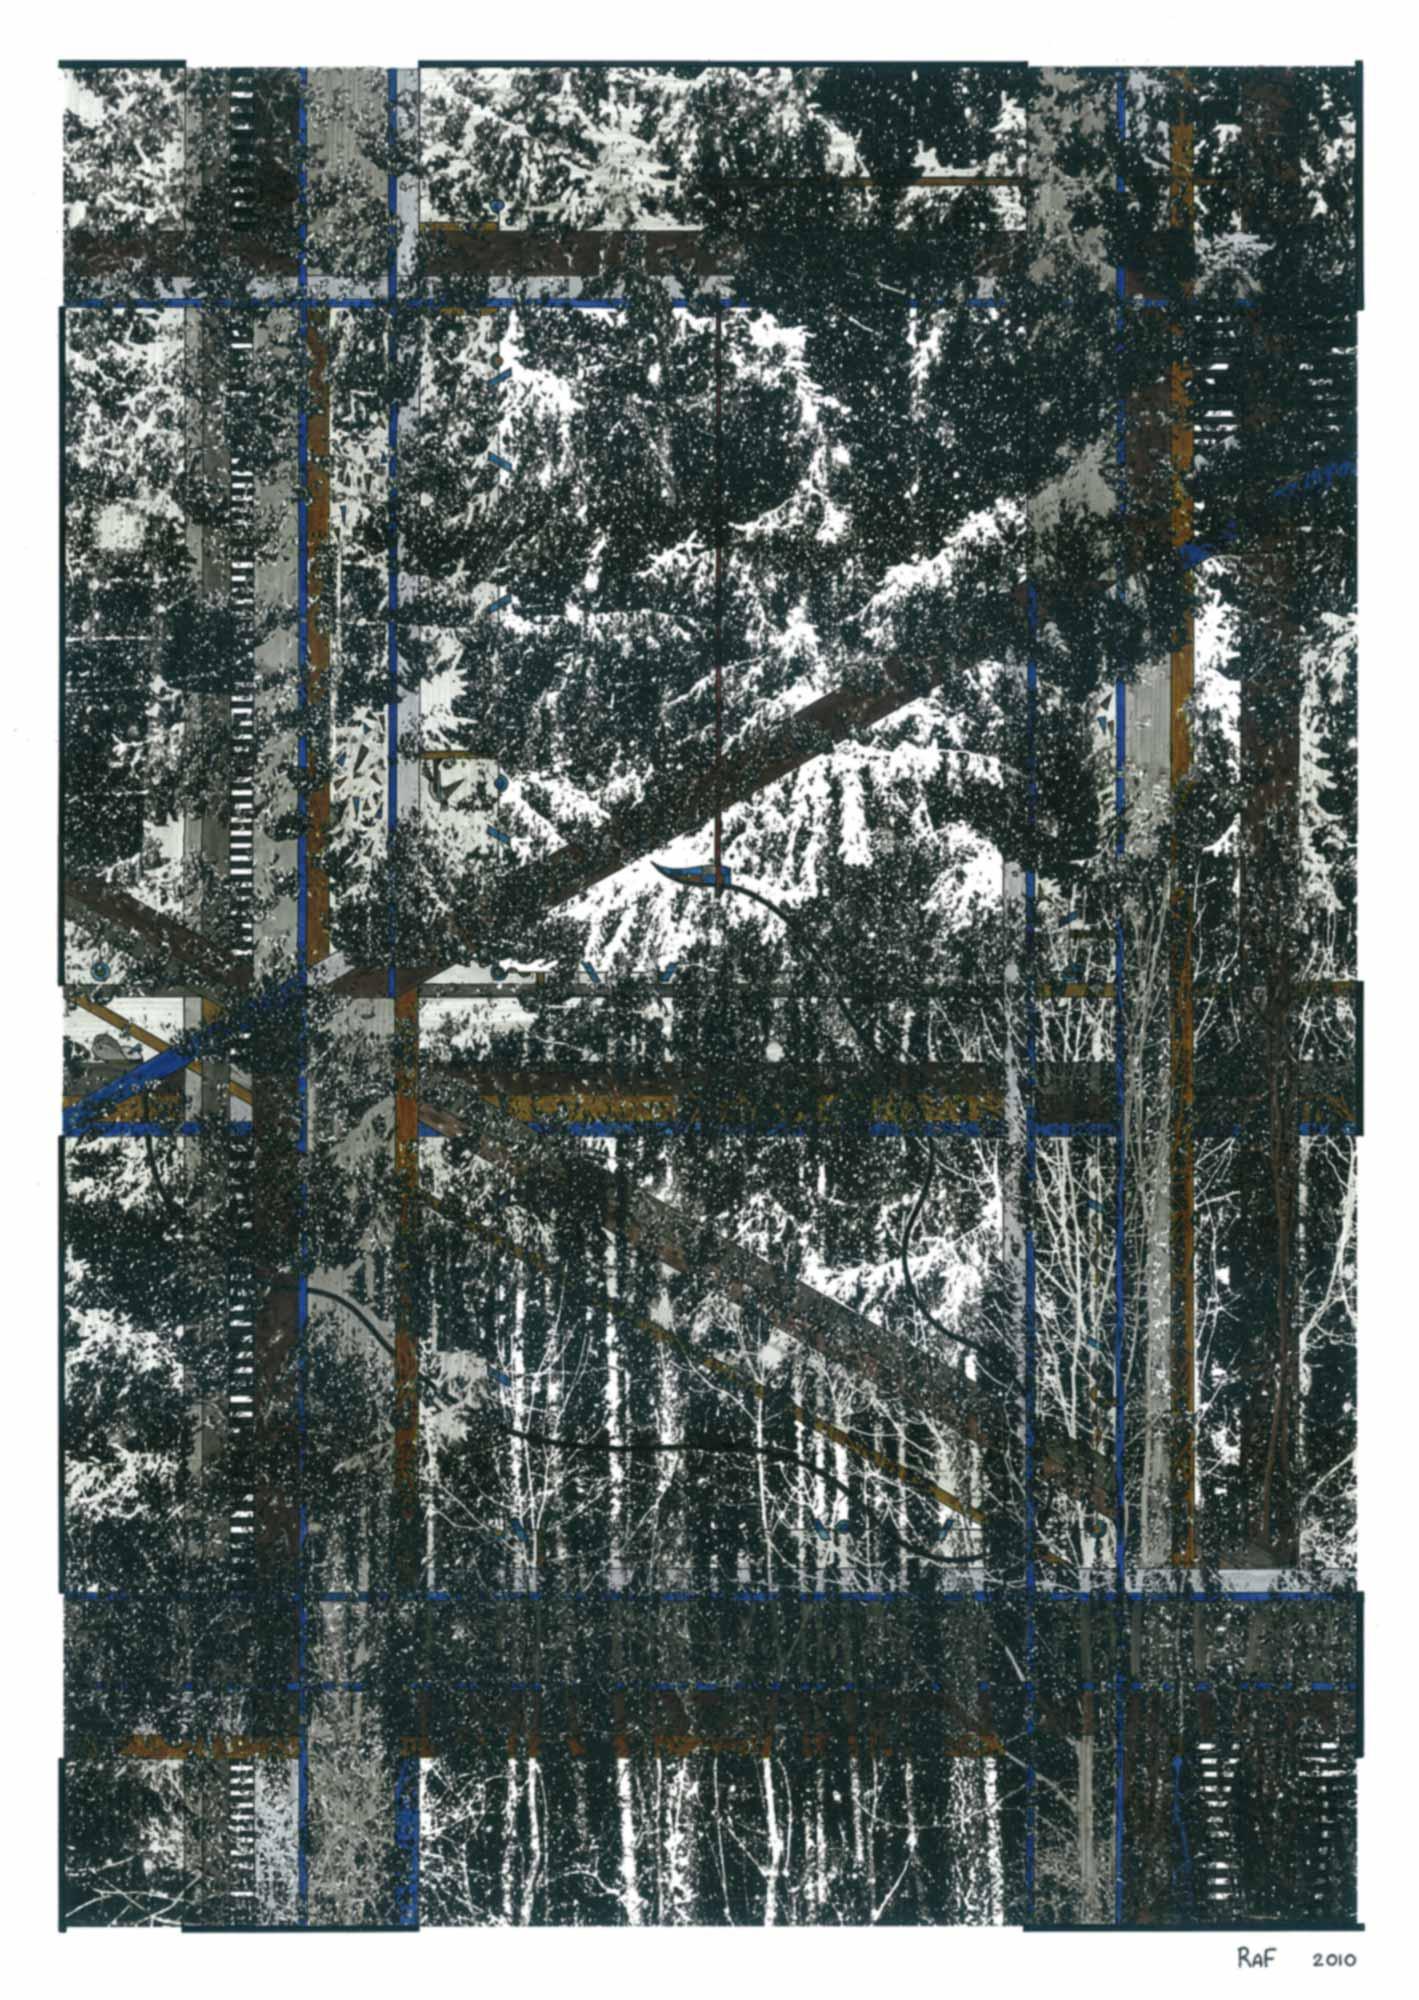 Le silence du tropique, dessin, Raf Listowski, 2010